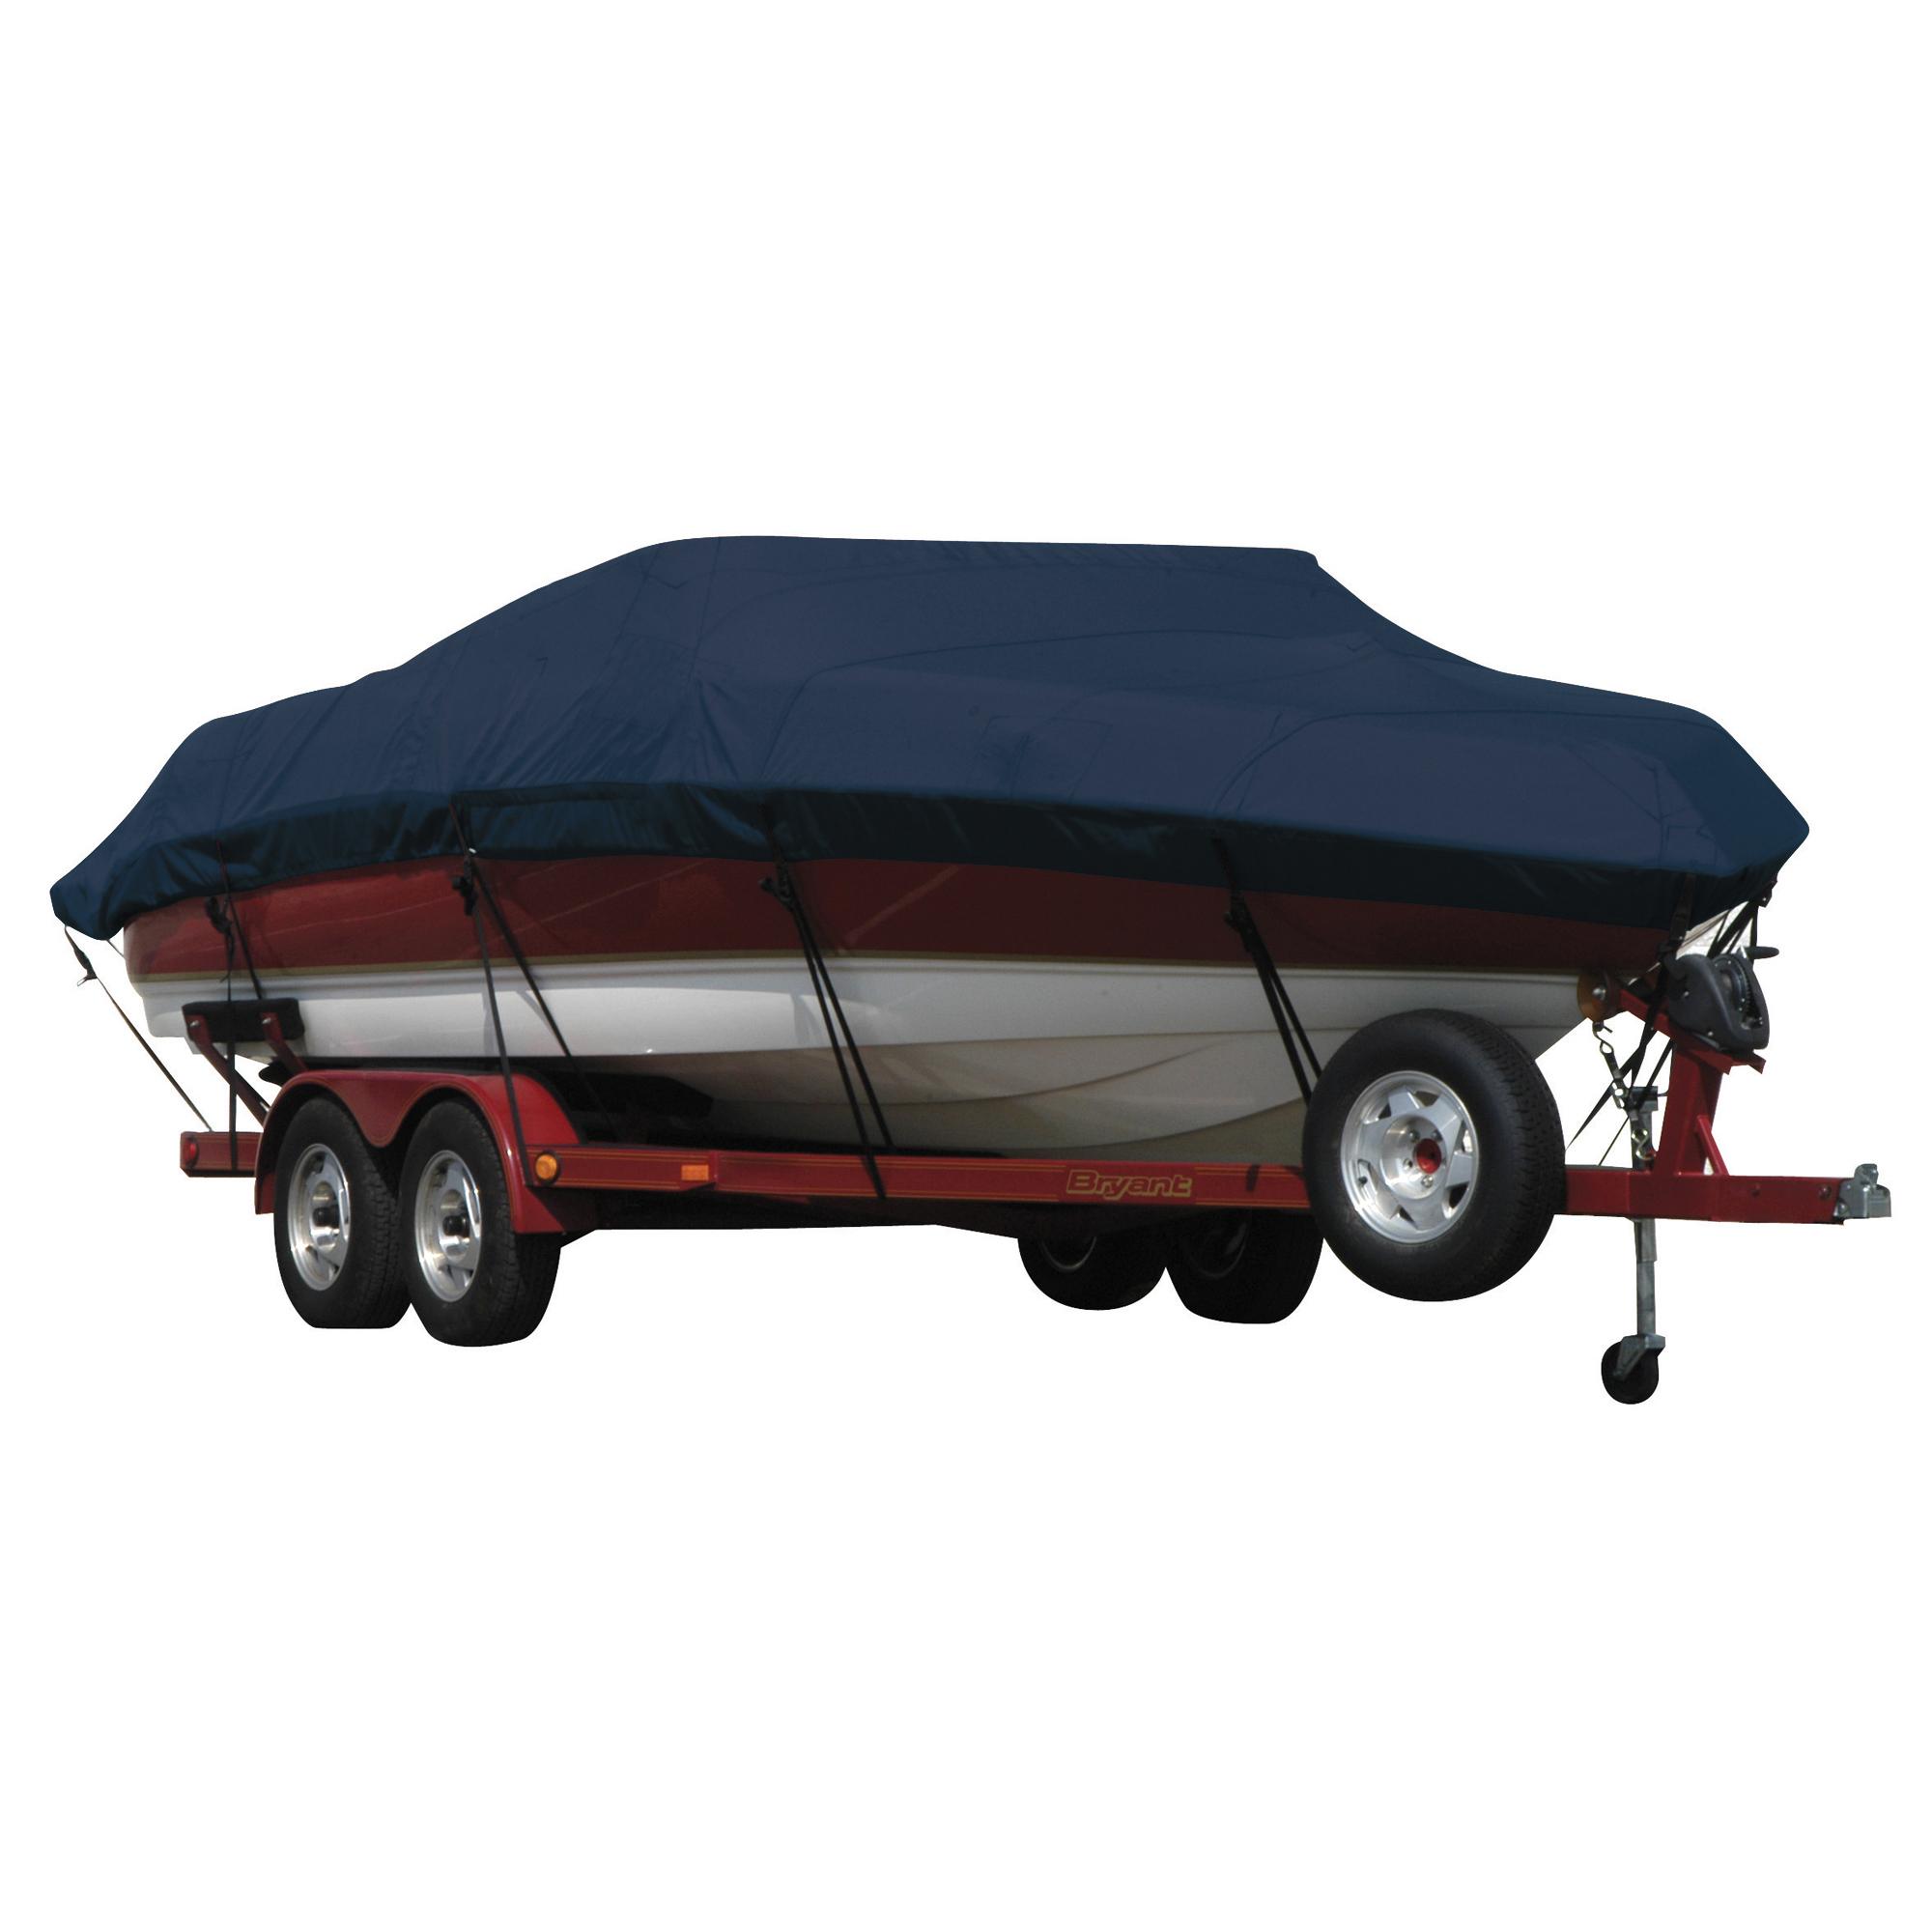 Exact Fit Covermate Sunbrella Boat Cover for Princecraft Super Pro 176 Super Pro 176 Fish N Promenade W/Ski Rope Guard O/B. Navy